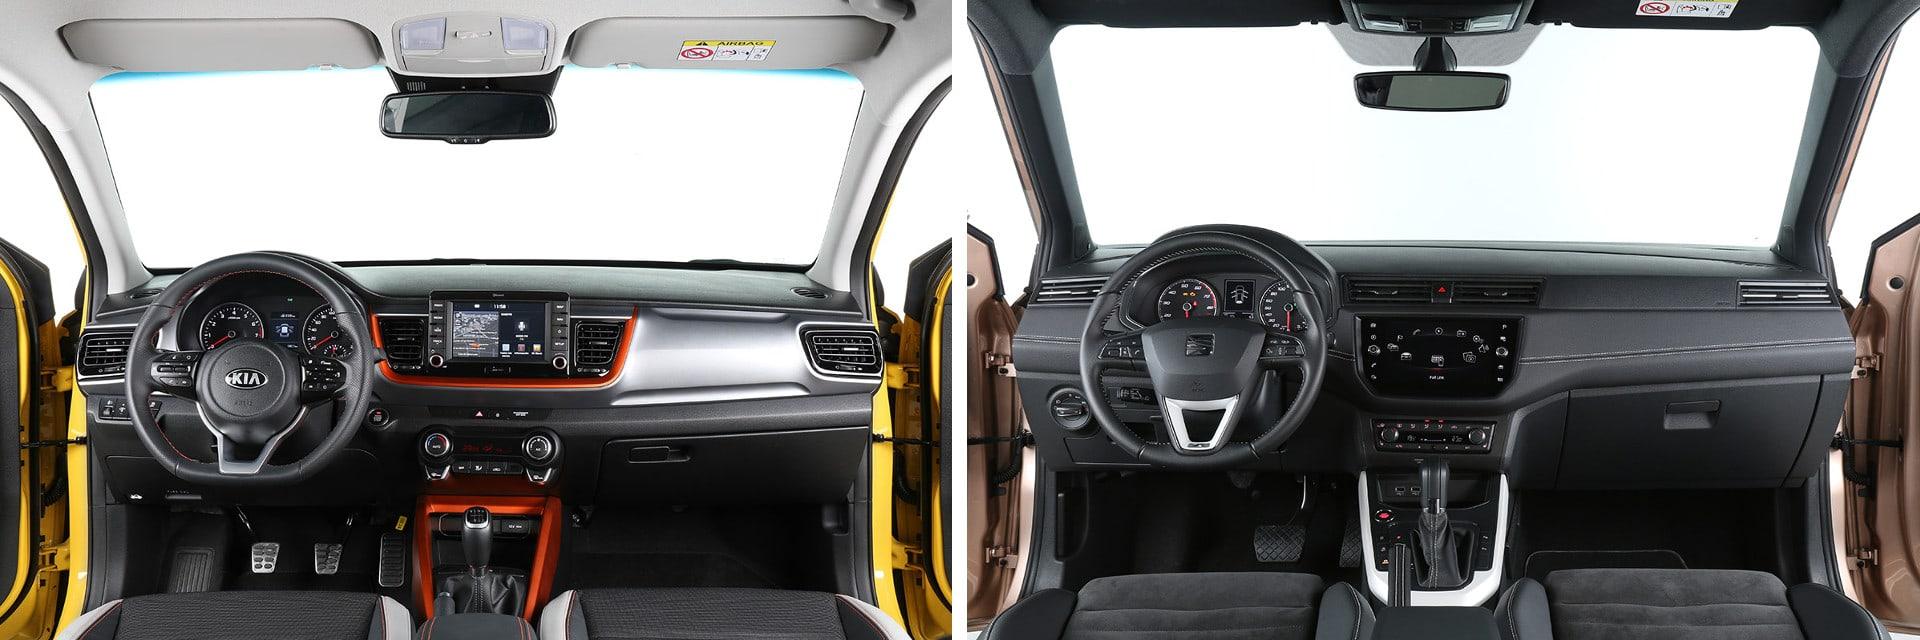 El SEAT Arona (dcha.) es más caro que su rival, lo que no implica que tenga un interior más lujoso que su oponente.